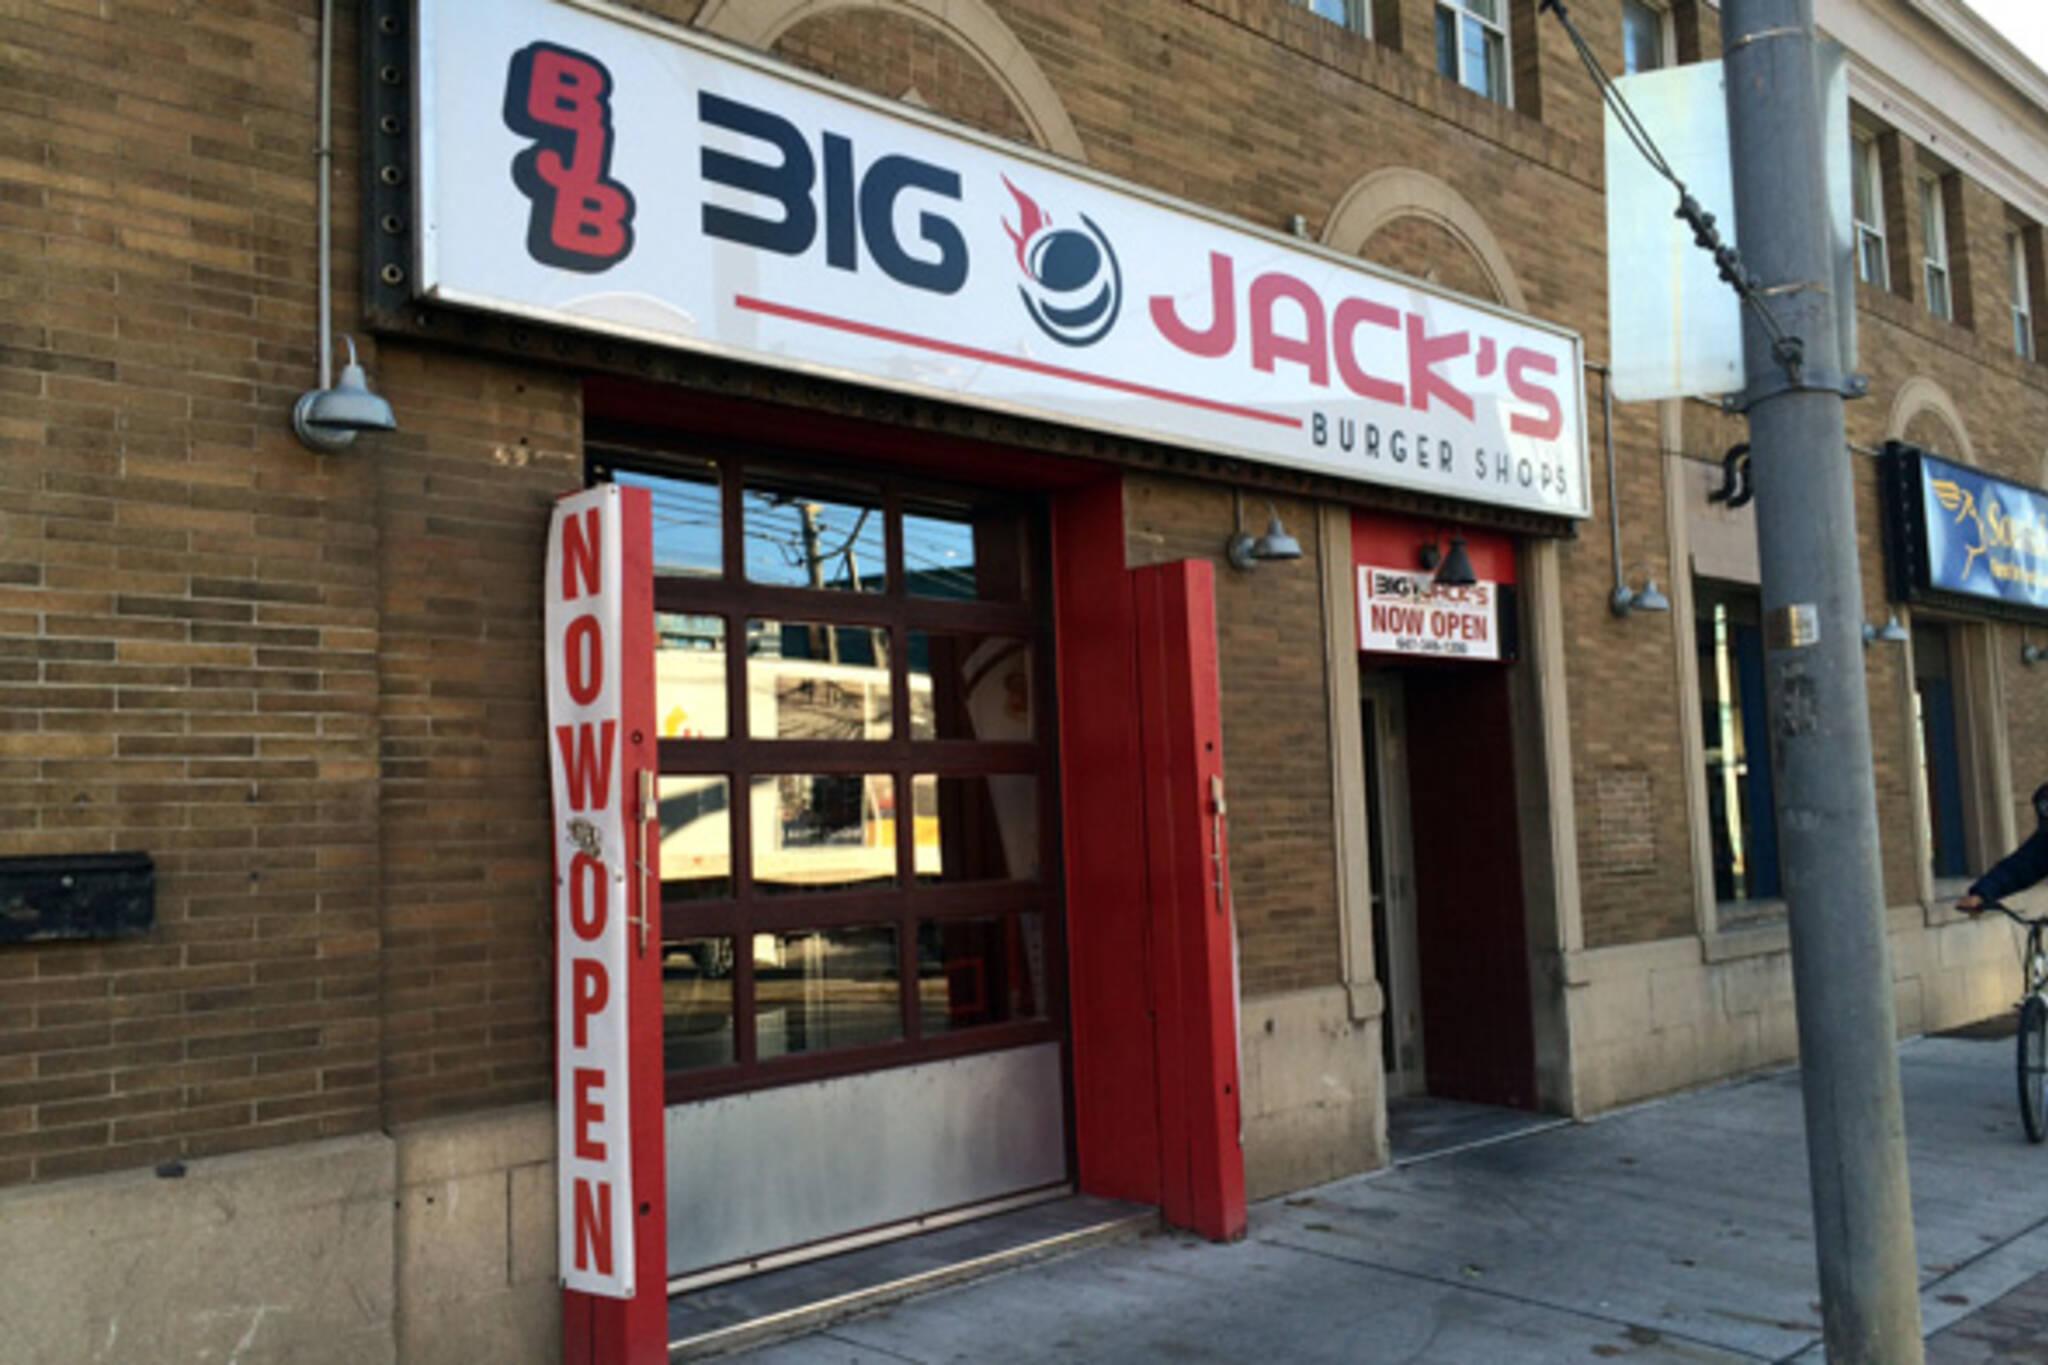 Big Jack's